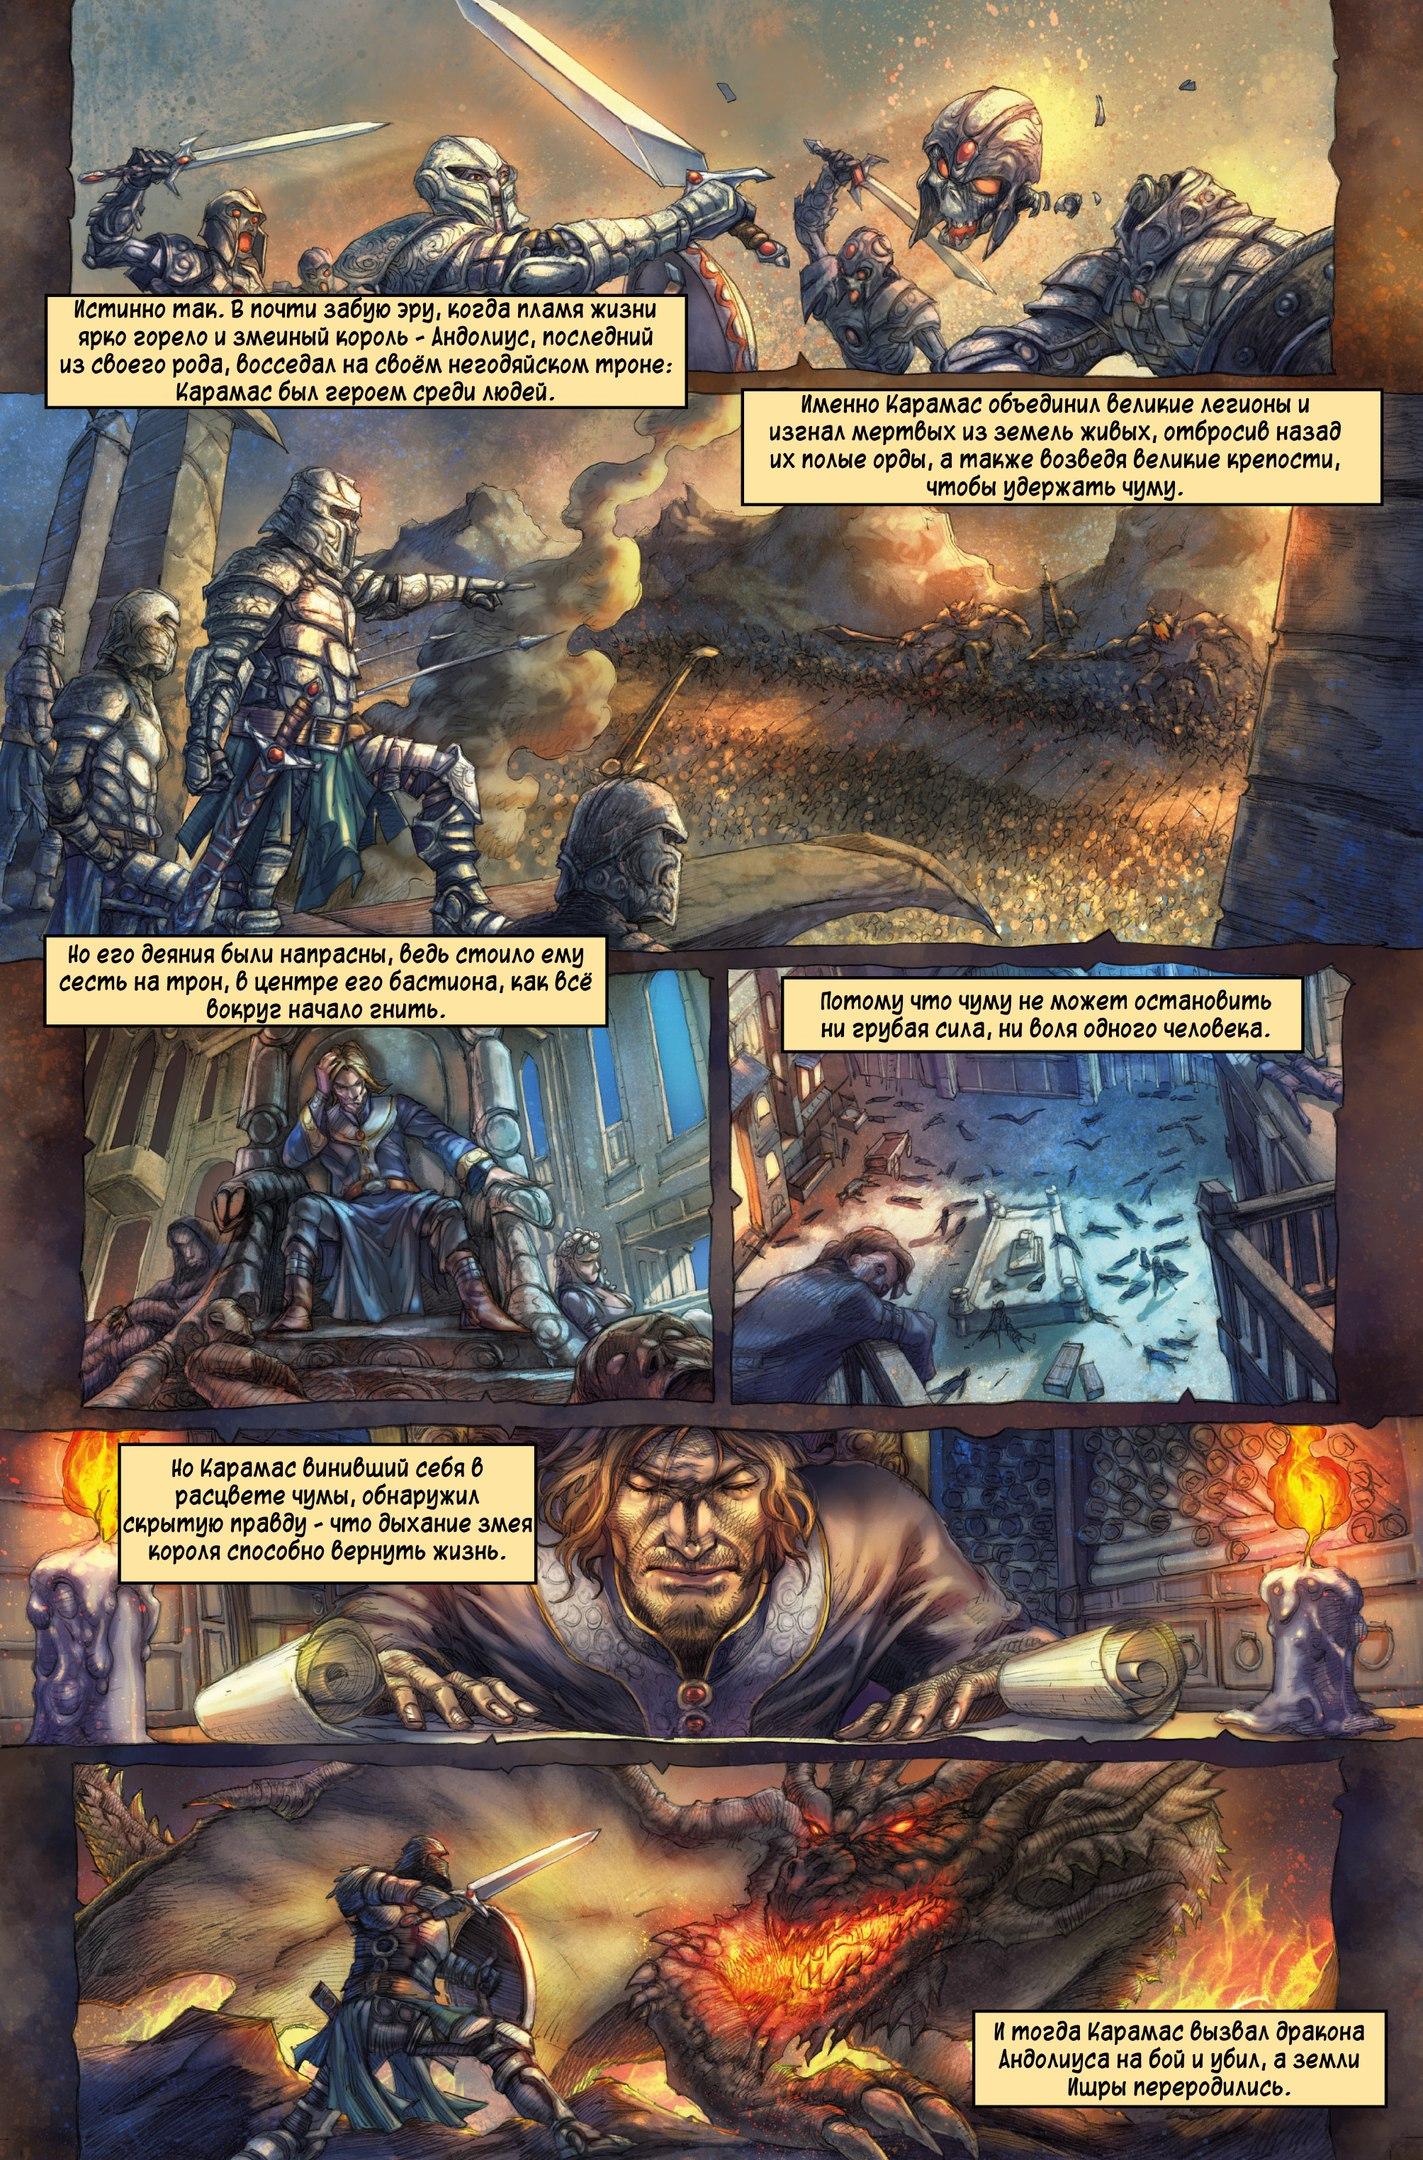 Немного комиксов по Dark Souls.(часть 2) - Изображение 6